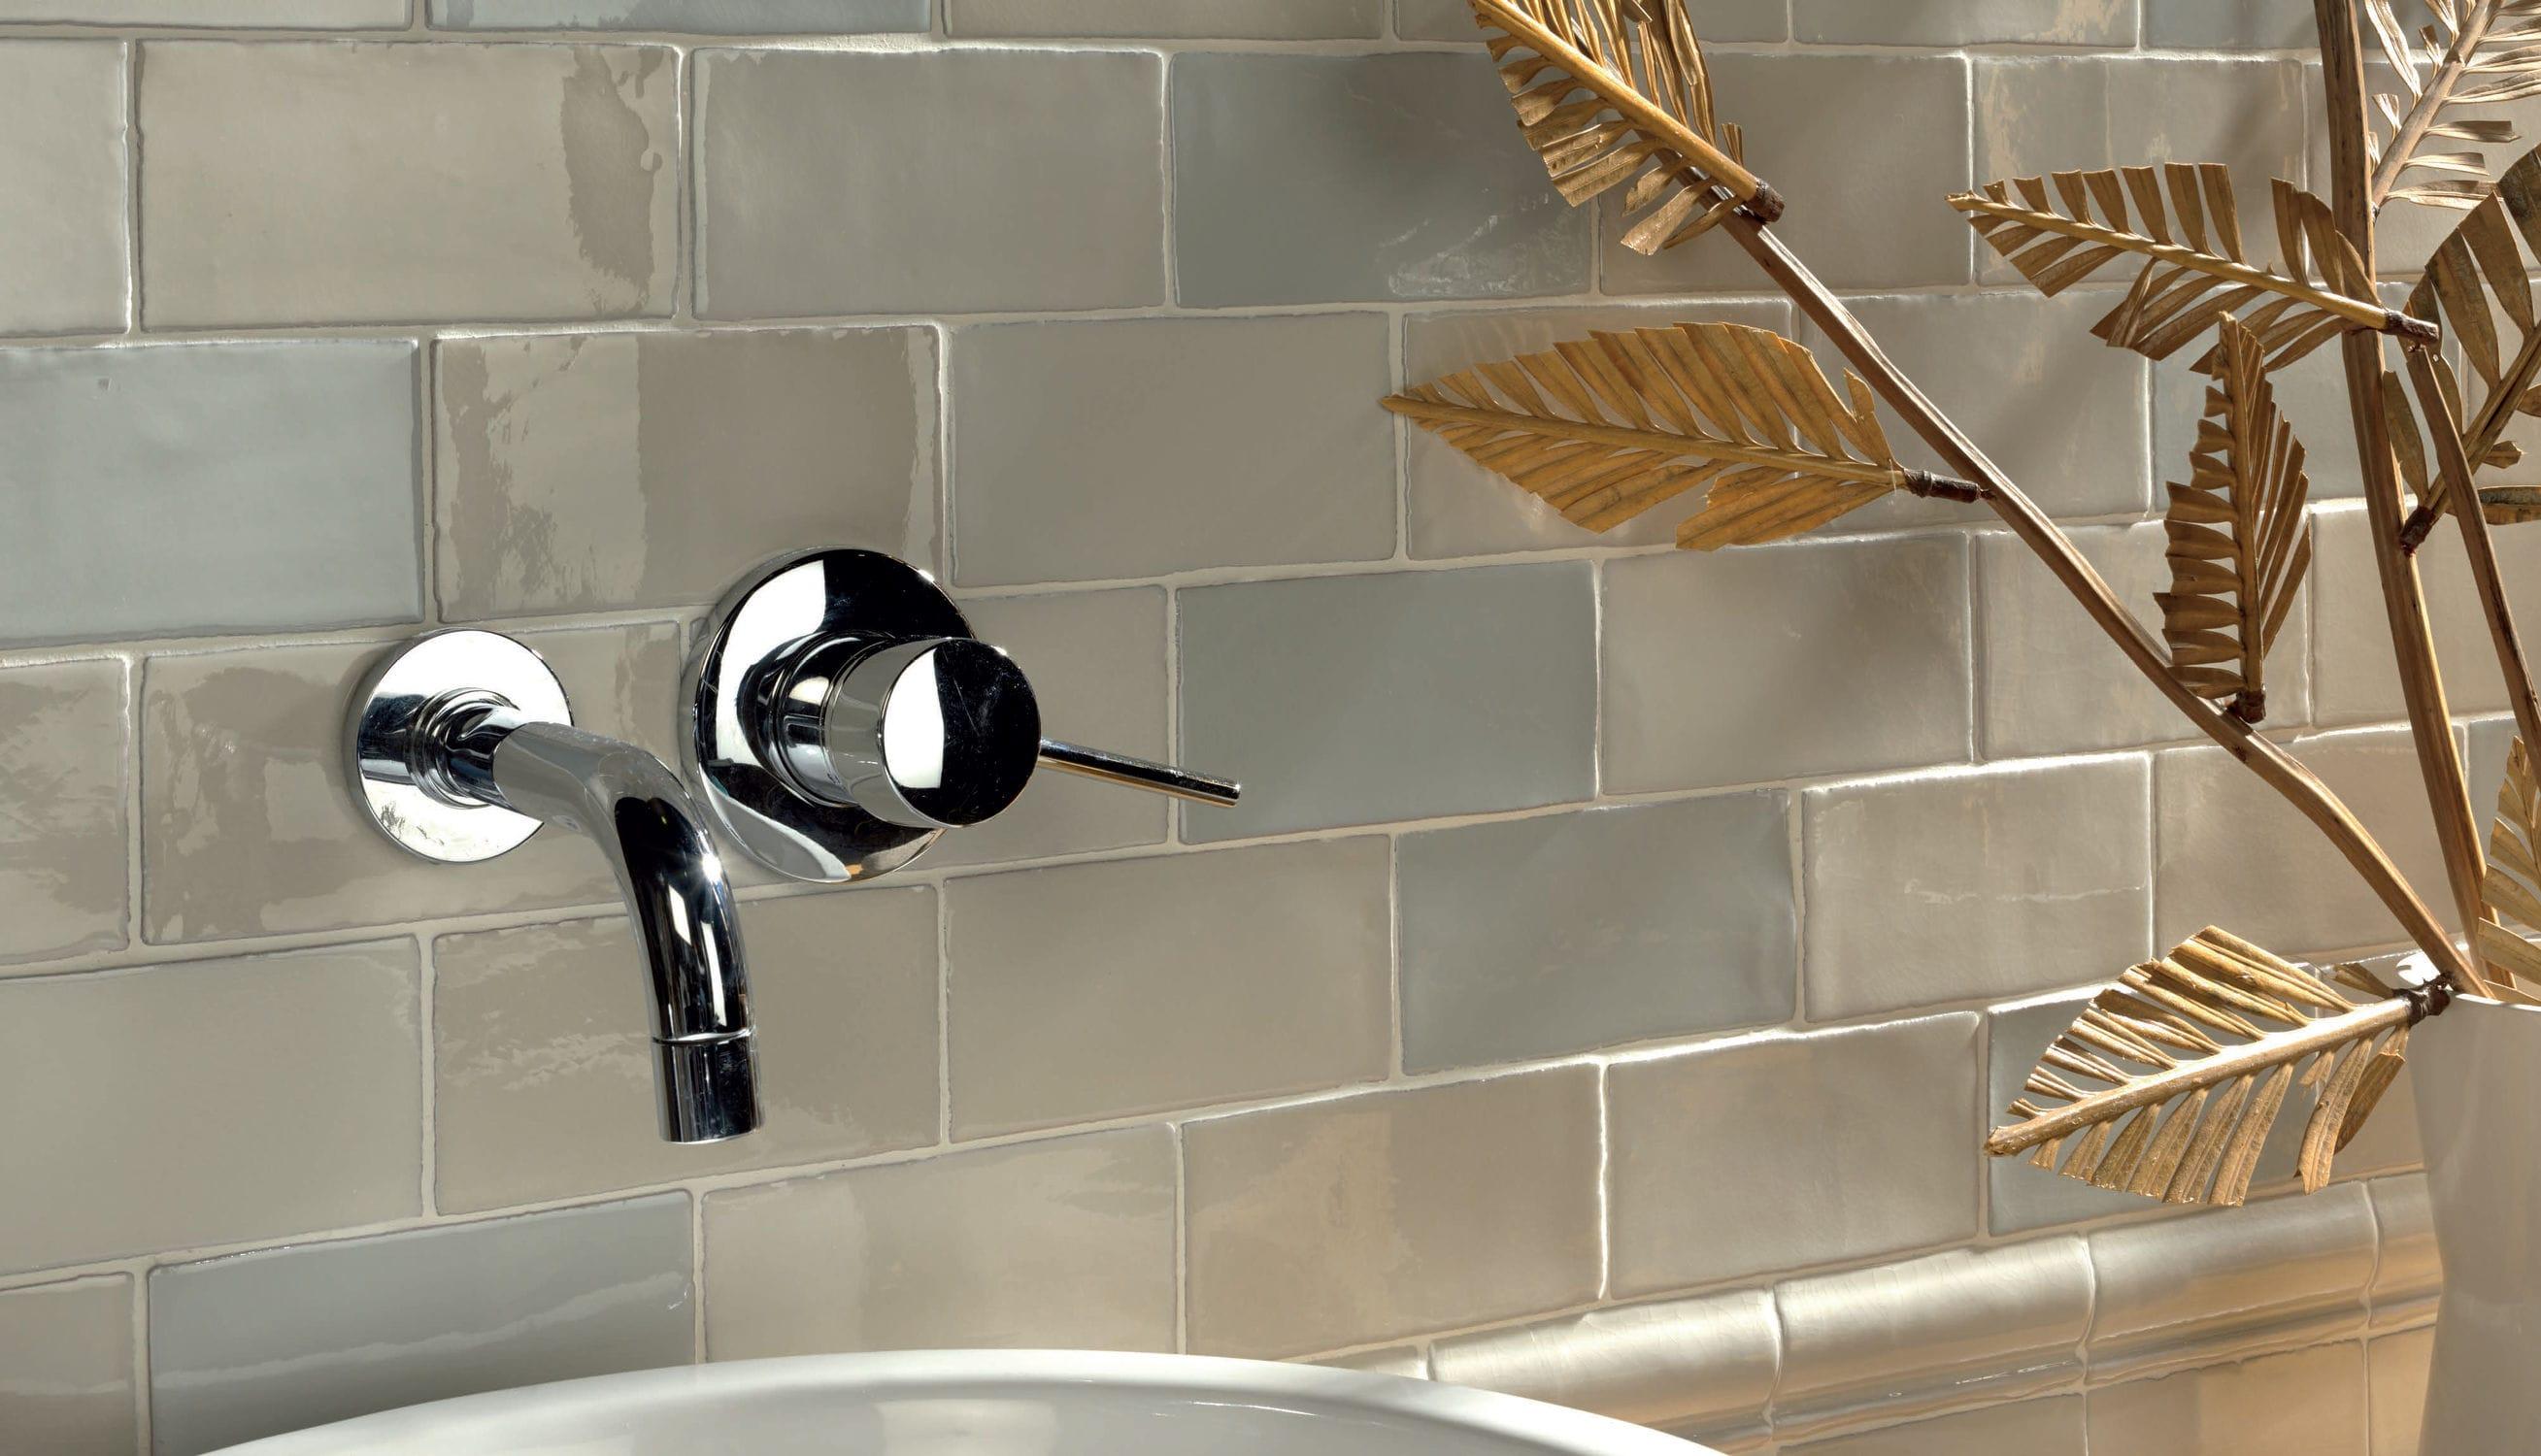 Fliesen Für Badezimmer Küchen Wand Keramik ANTIC CRAQUELÉ - Metro fliesen craquele